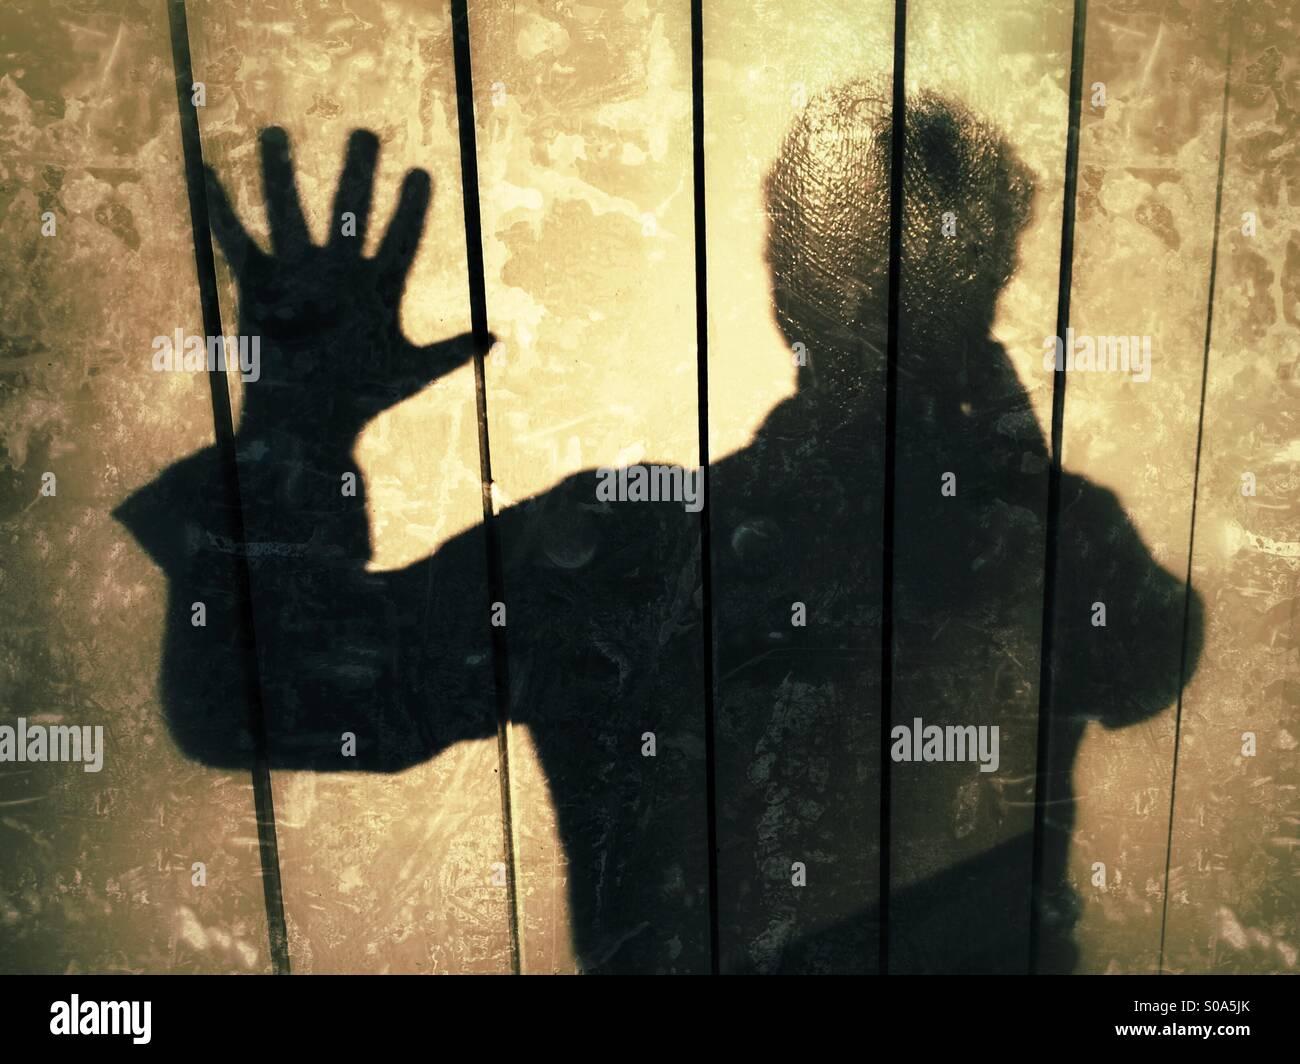 L'homme jette une ombre sur un mur, exprimant, STOP!, pas plus! Photo Stock